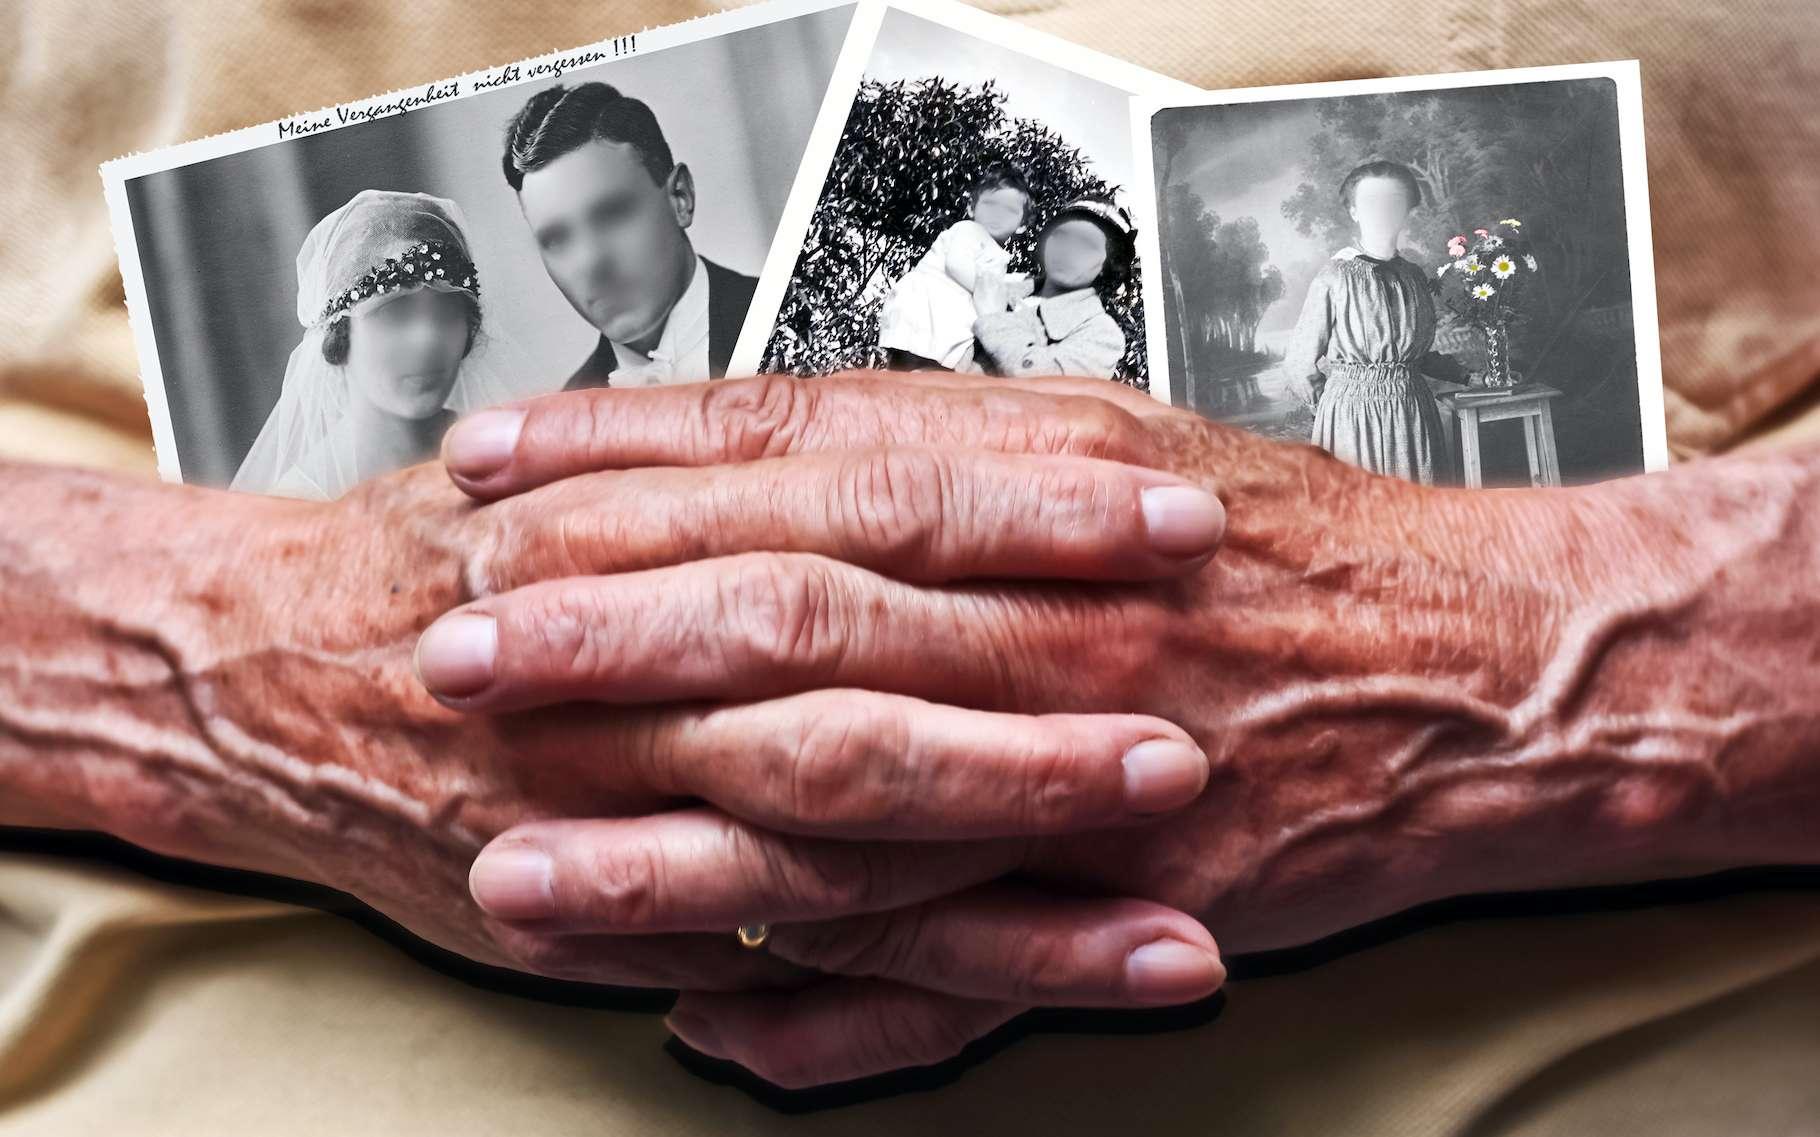 La maladie d'Alzheimer a des effets dévastateurs sur les vies des malades et de ceux qui les entourent. Mais il est possible de jouer sur certains des facteurs de risques. © Gabriele Rohde, Adobe Stock